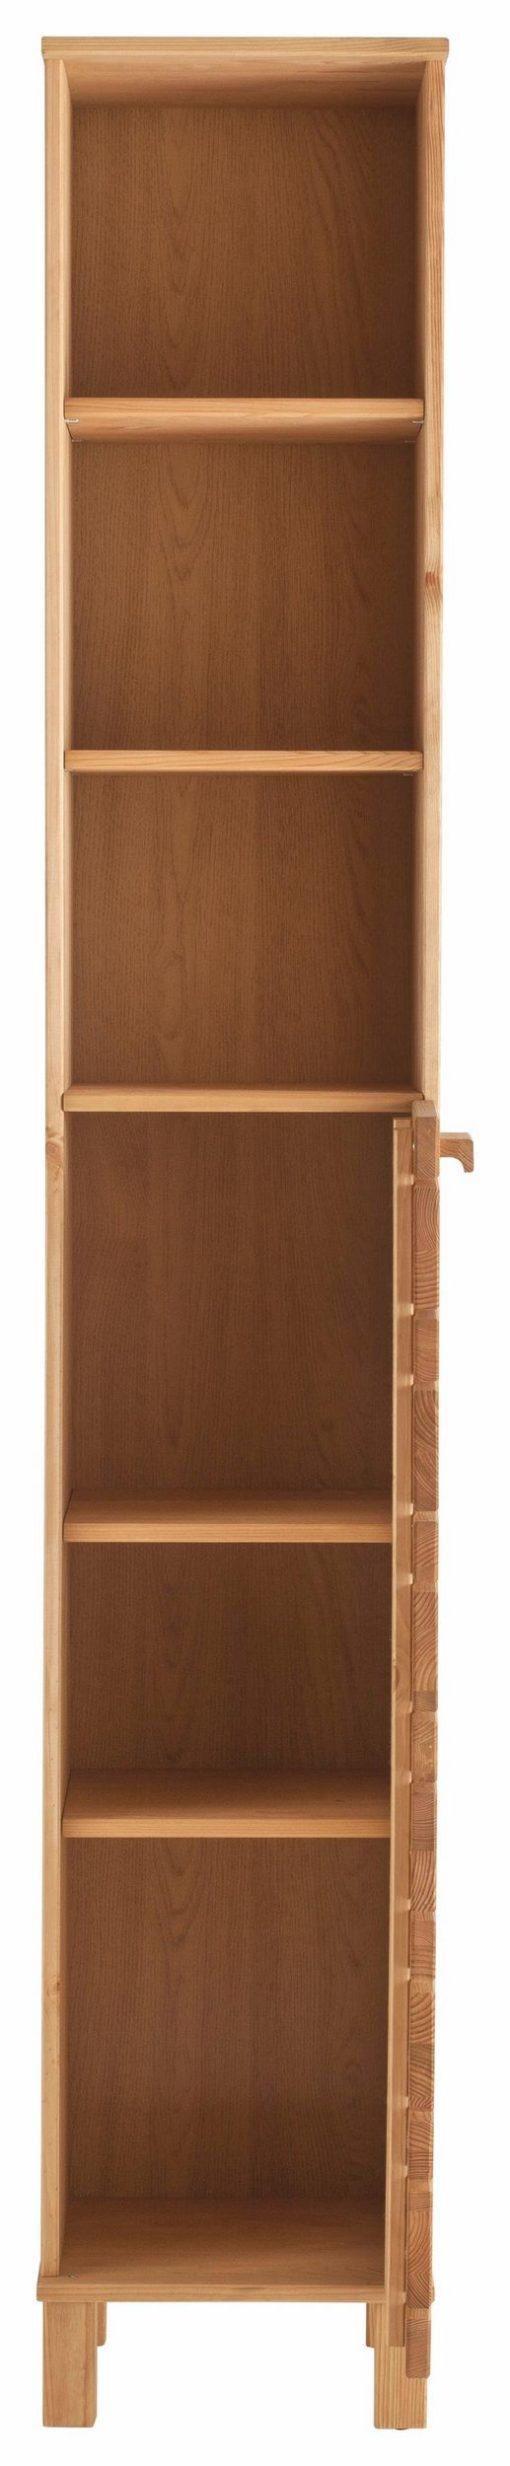 Wysoka szafka łazienkowa, sosnowa olejowana